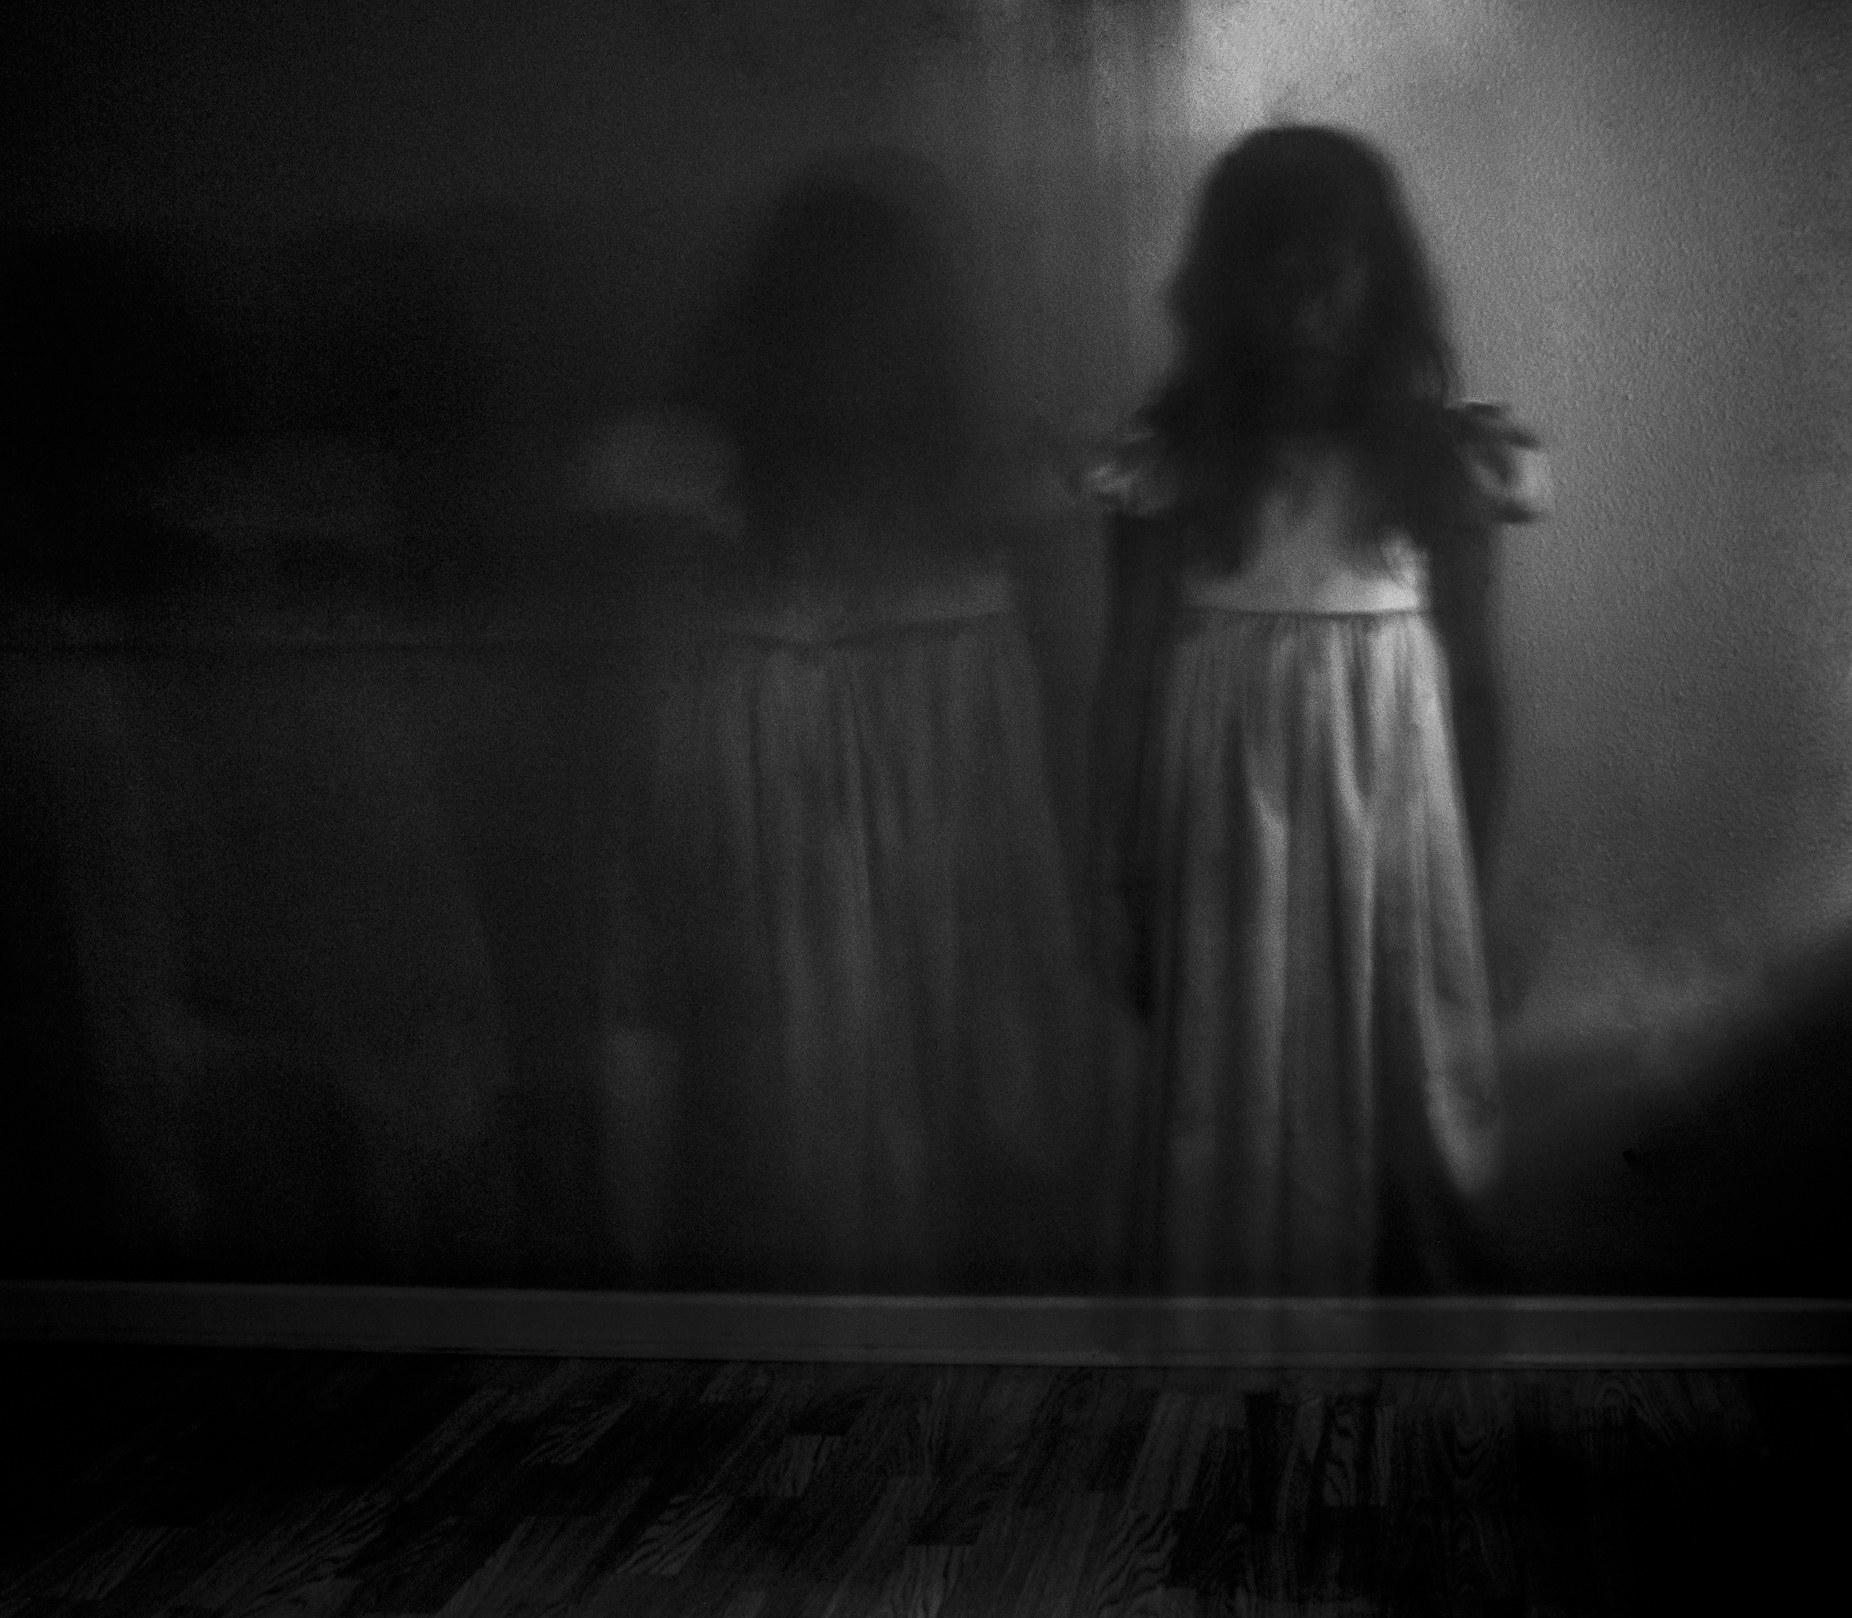 Ghost little girl